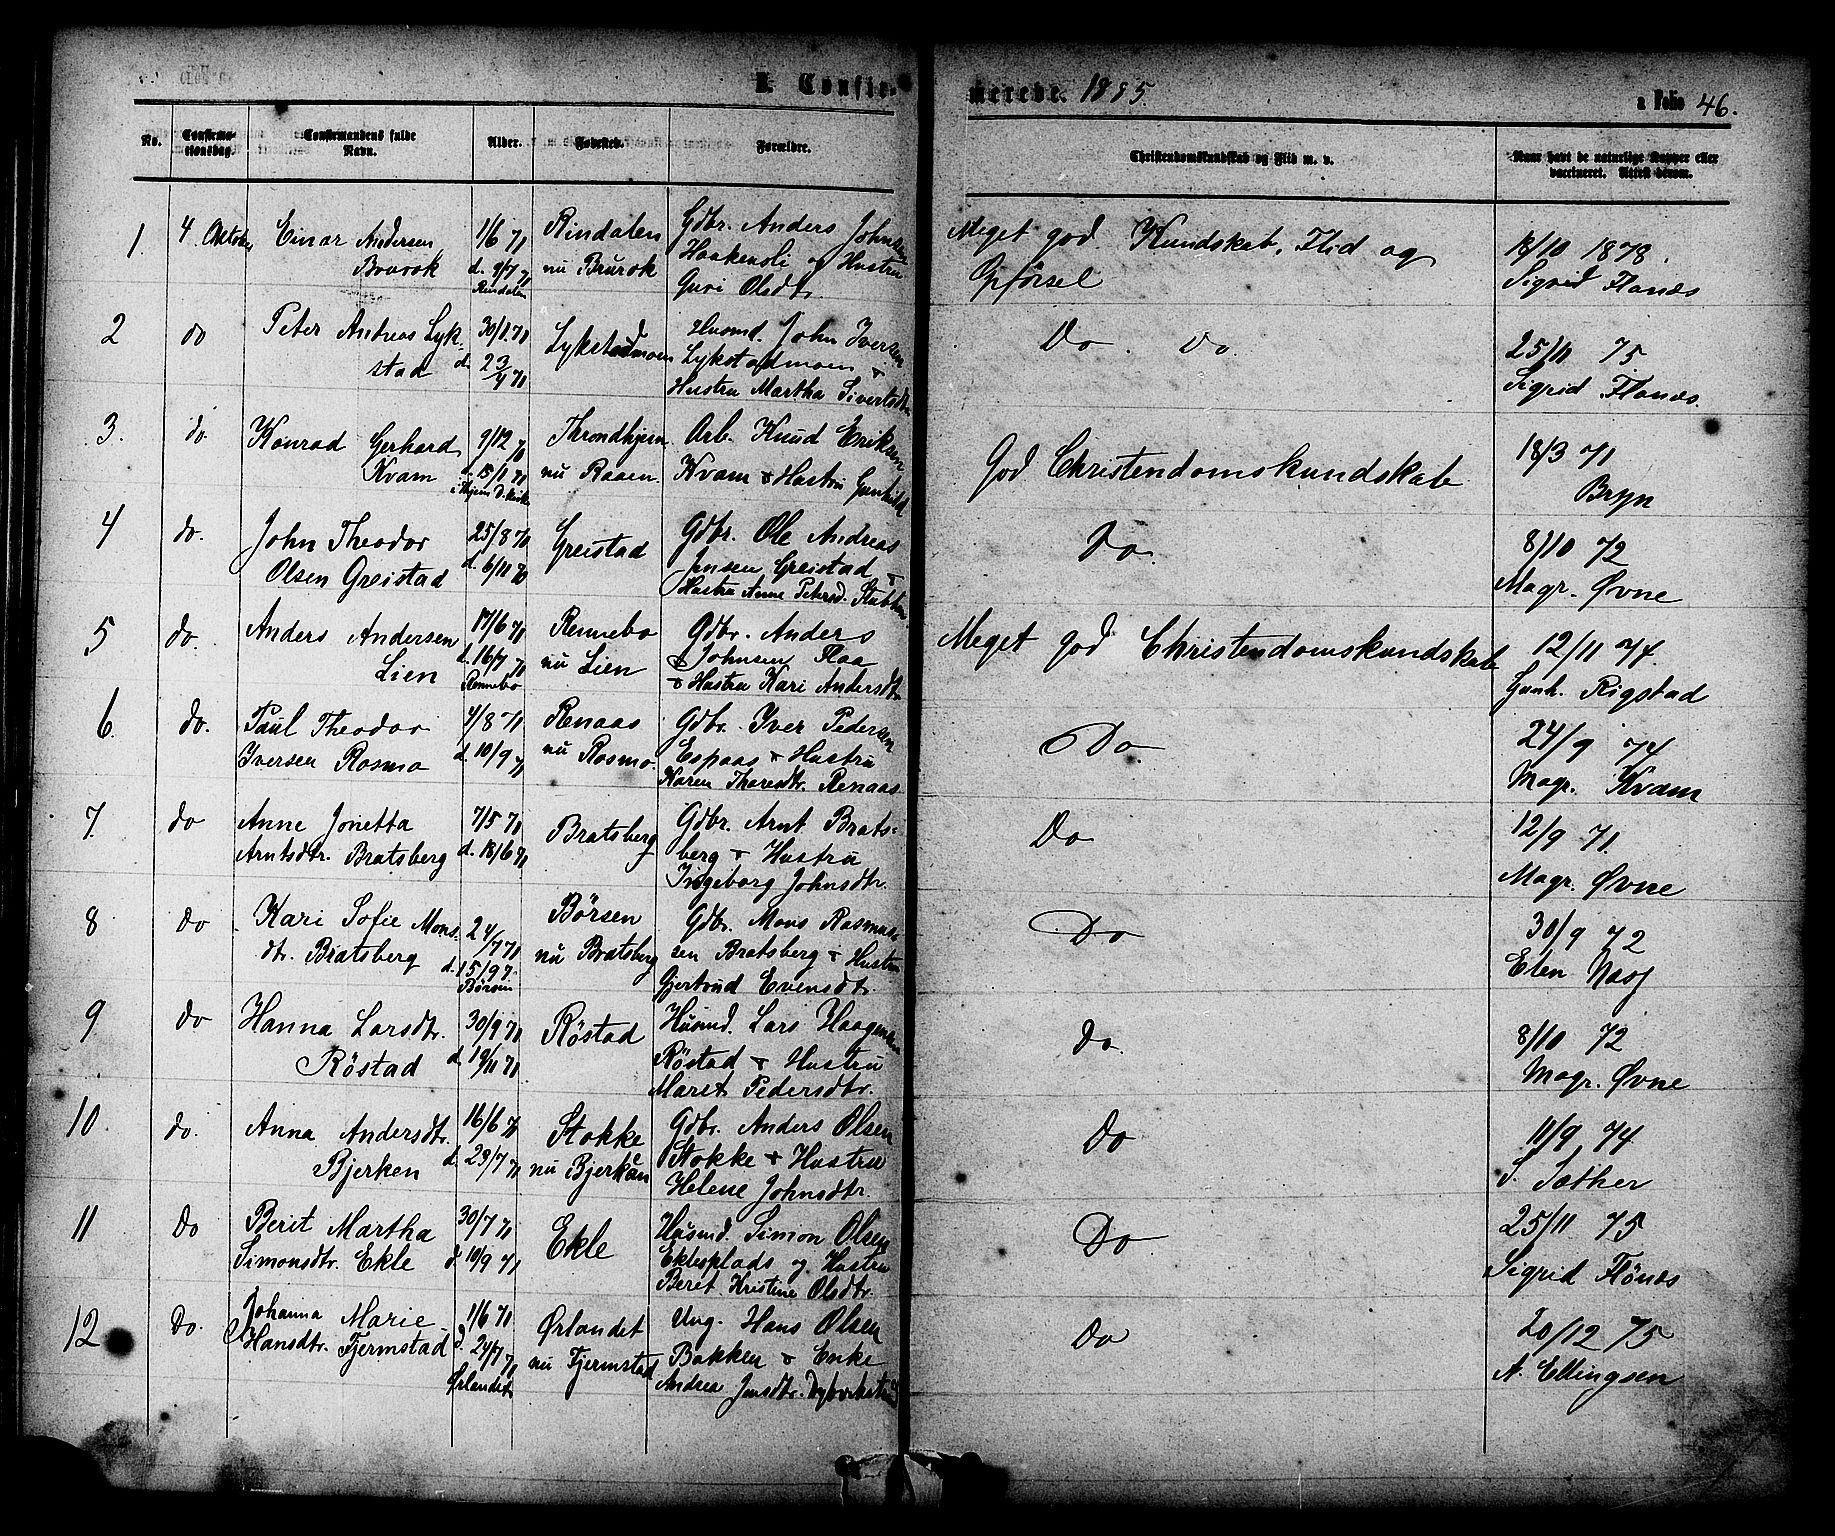 SAT, Ministerialprotokoller, klokkerbøker og fødselsregistre - Sør-Trøndelag, 608/L0334: Ministerialbok nr. 608A03, 1877-1886, s. 46